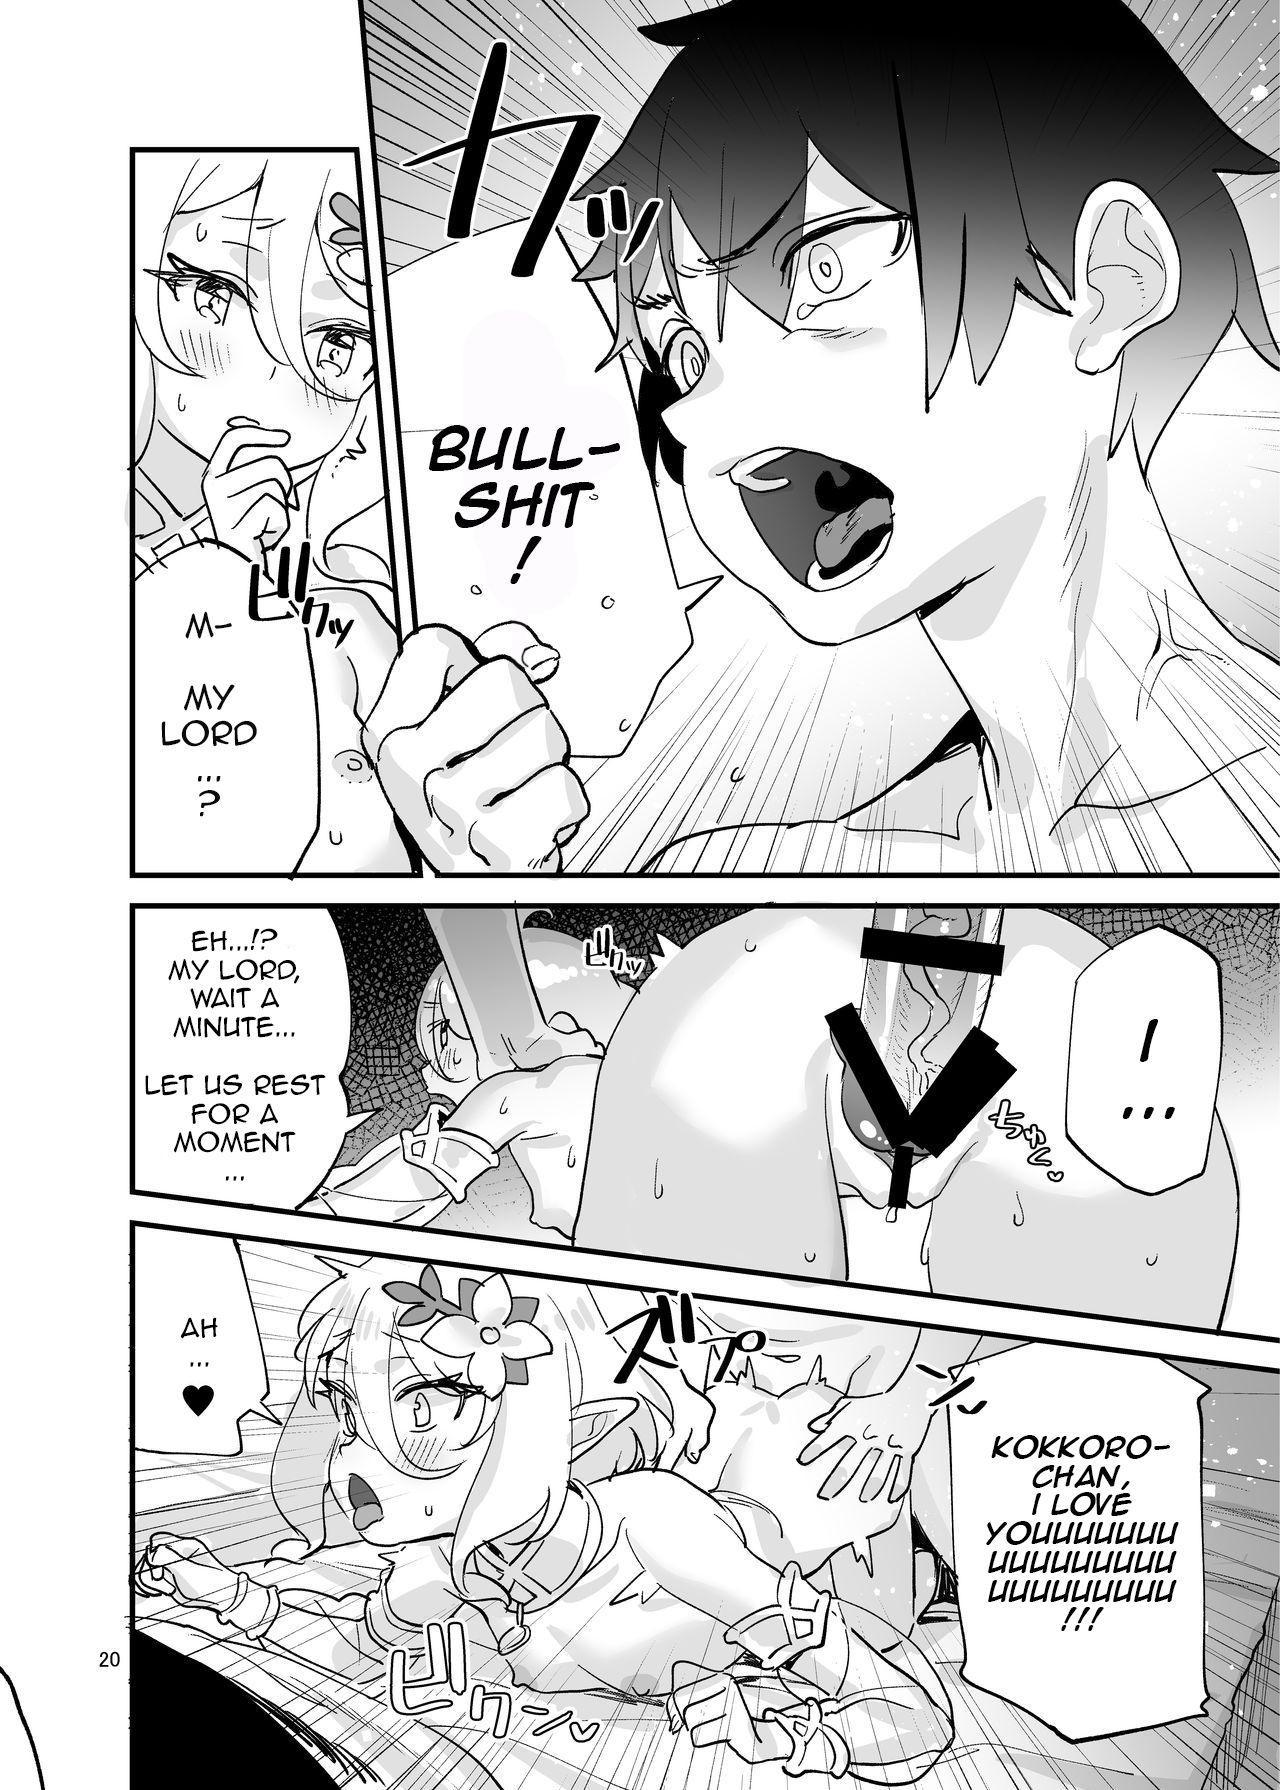 [Subachikyu! (Subachi)] Kokkoro-chan o Ecchi na Me de Minaide Kudasai!! | Don't look at Kokkoro-chan with Lewd Eyes!! (Princess Connect! Re:Dive) [English] [ekiB] [Digital] 19